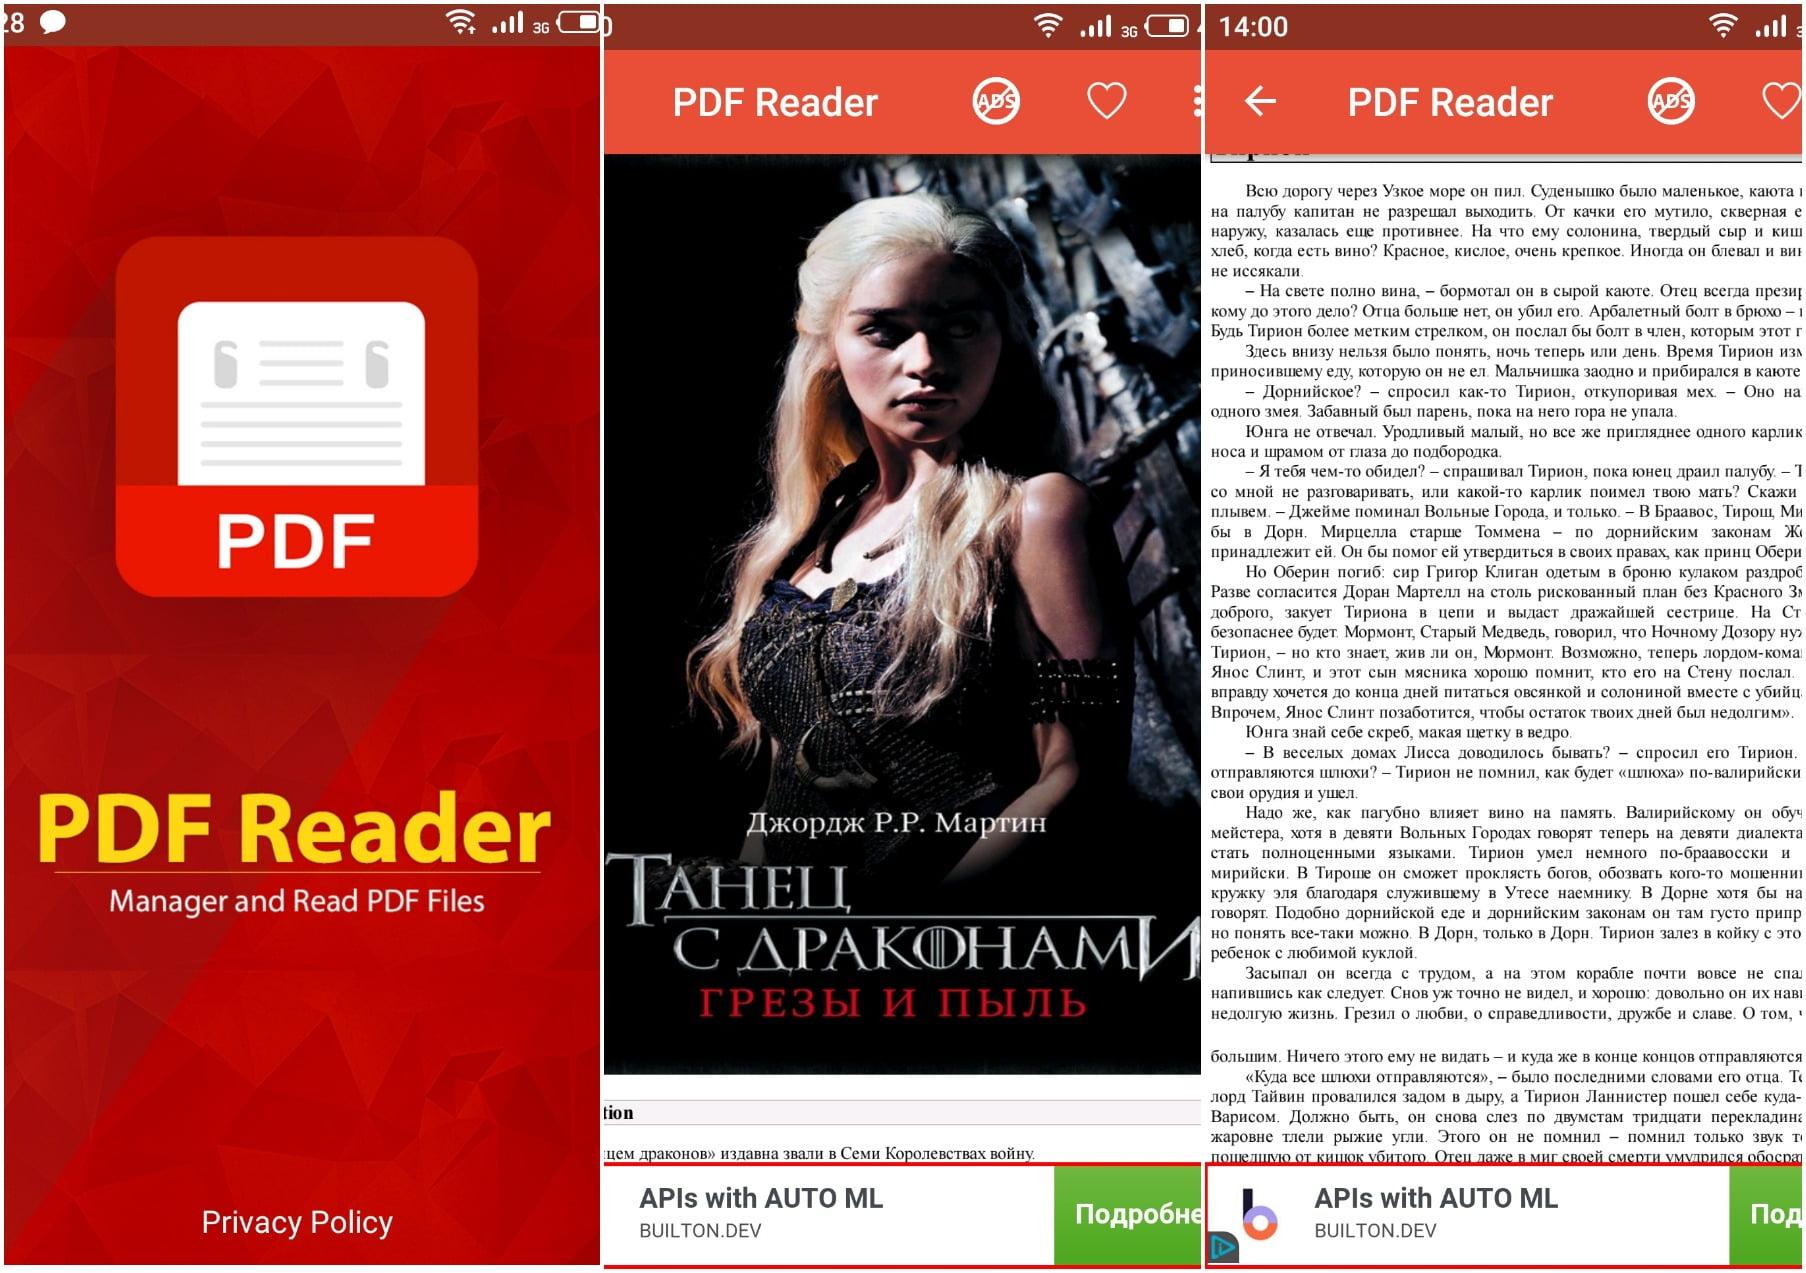 На фото изображено приложение Pdfandroid